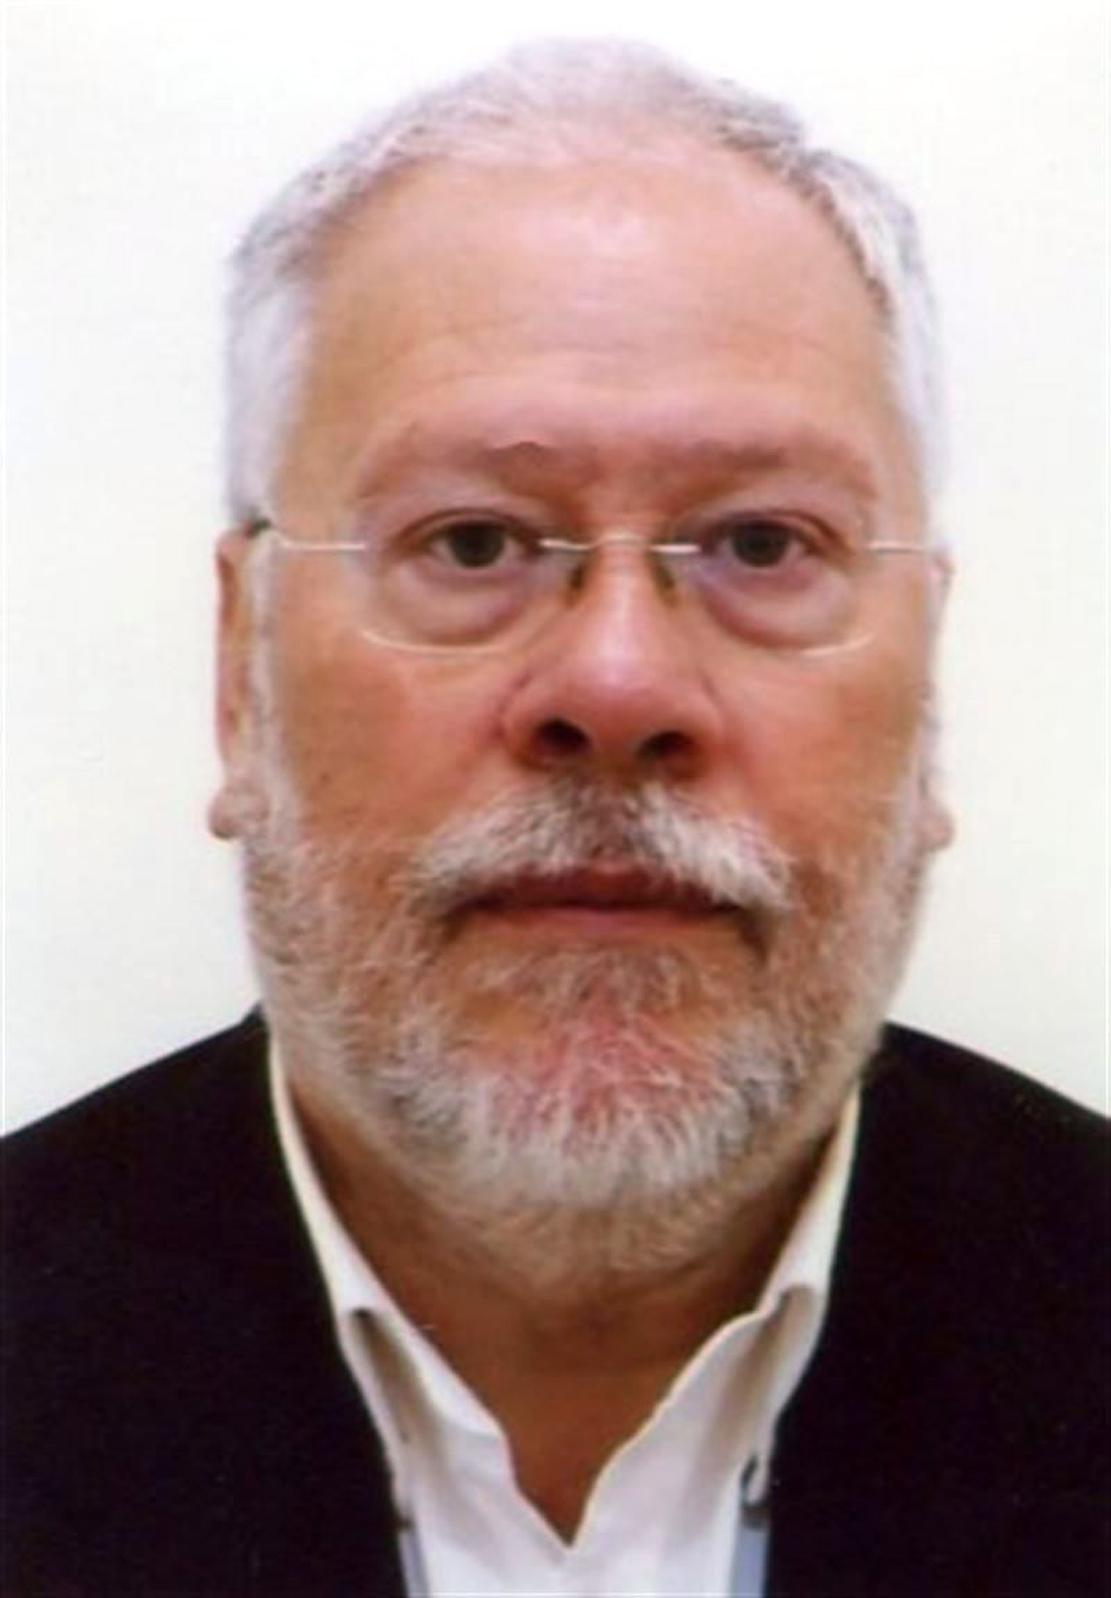 MANUEL ENRIQUE MEDINA TORNERO, CRONISTA OFICIAL DE ARCHENA (MURCIA), ELEGIDO SECRETARIO GENERAL DE LA ACADEMIA DE PSICOLOGÍA DE ESPAÑA - Manuel-E.-Medina-Tornero